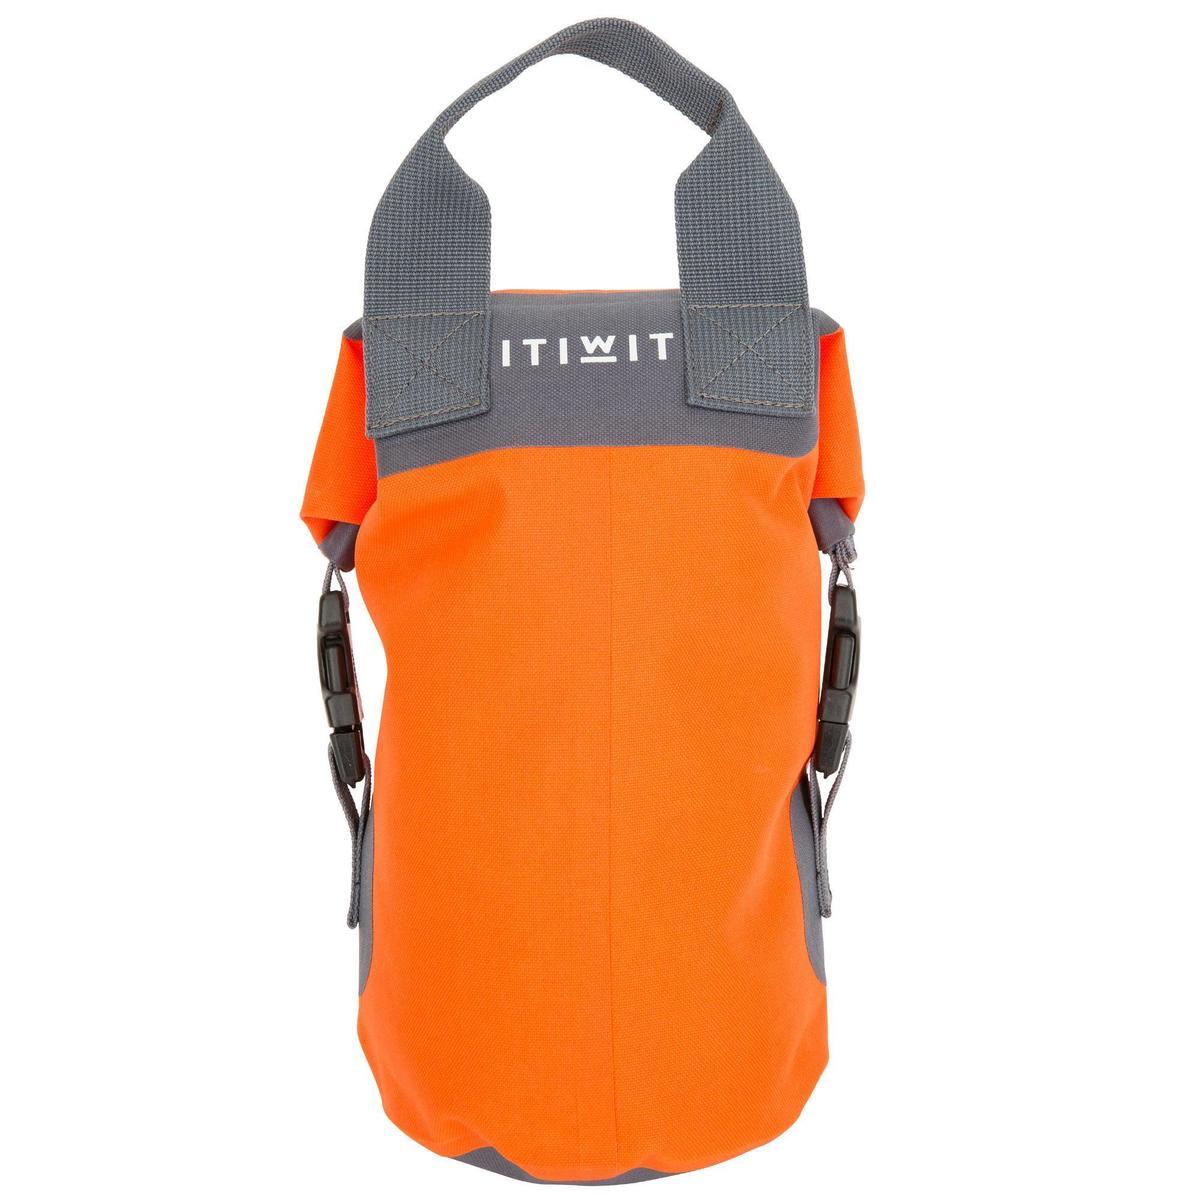 Bild 5 von Wasserfeste Tasche 5 l orange ohne Umhängegurt